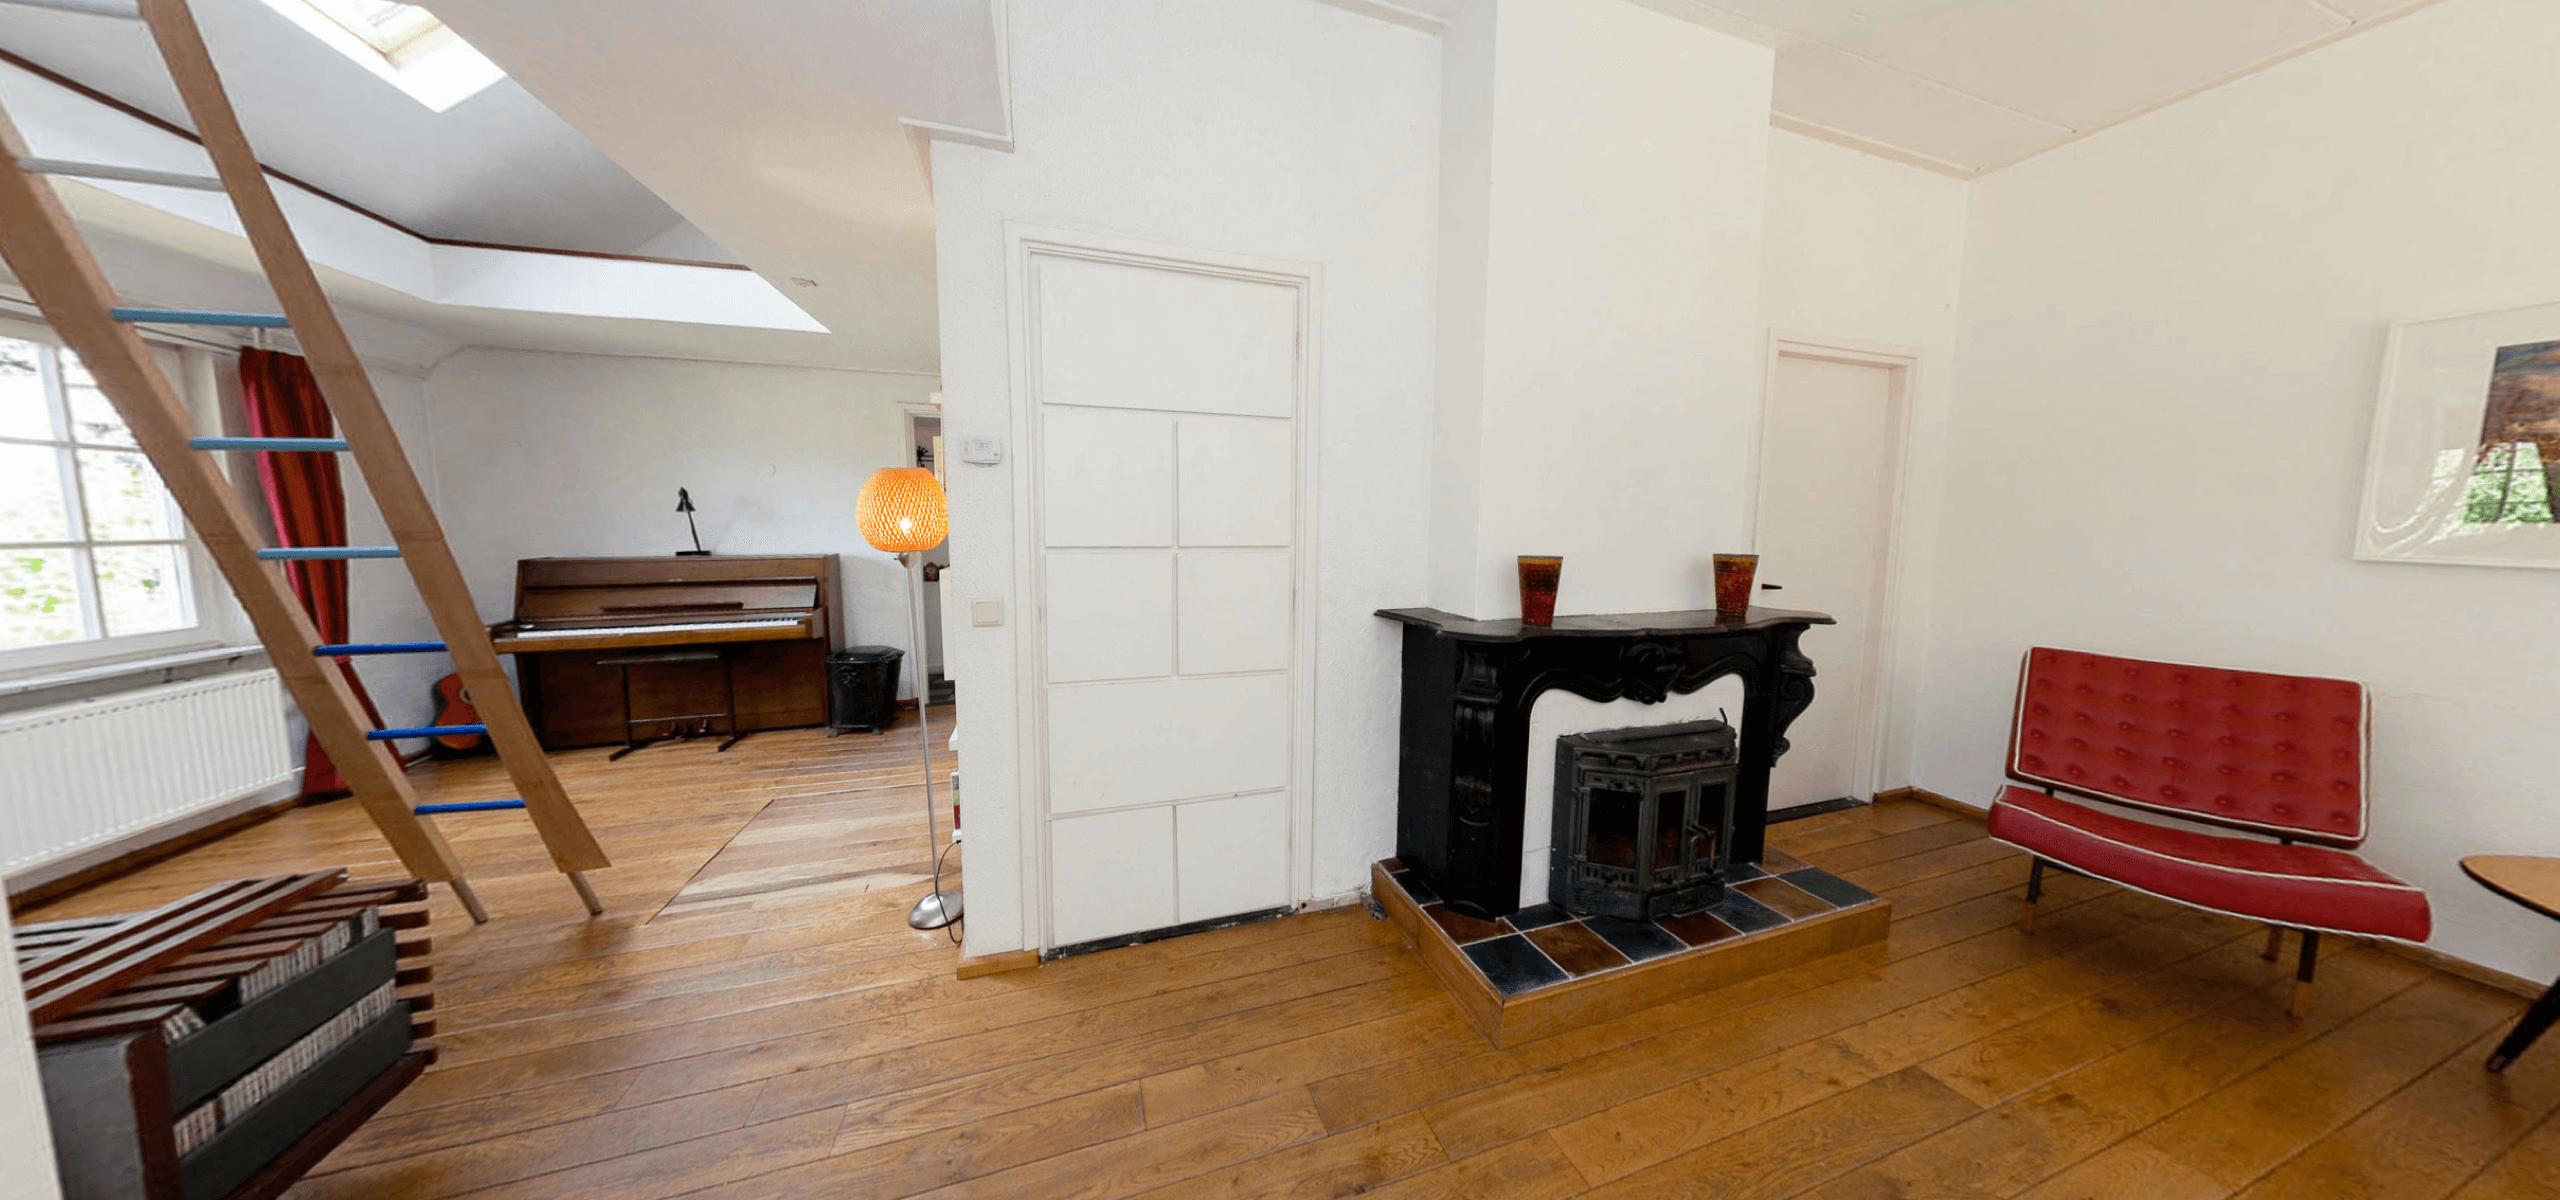 360-interieur-exterieur